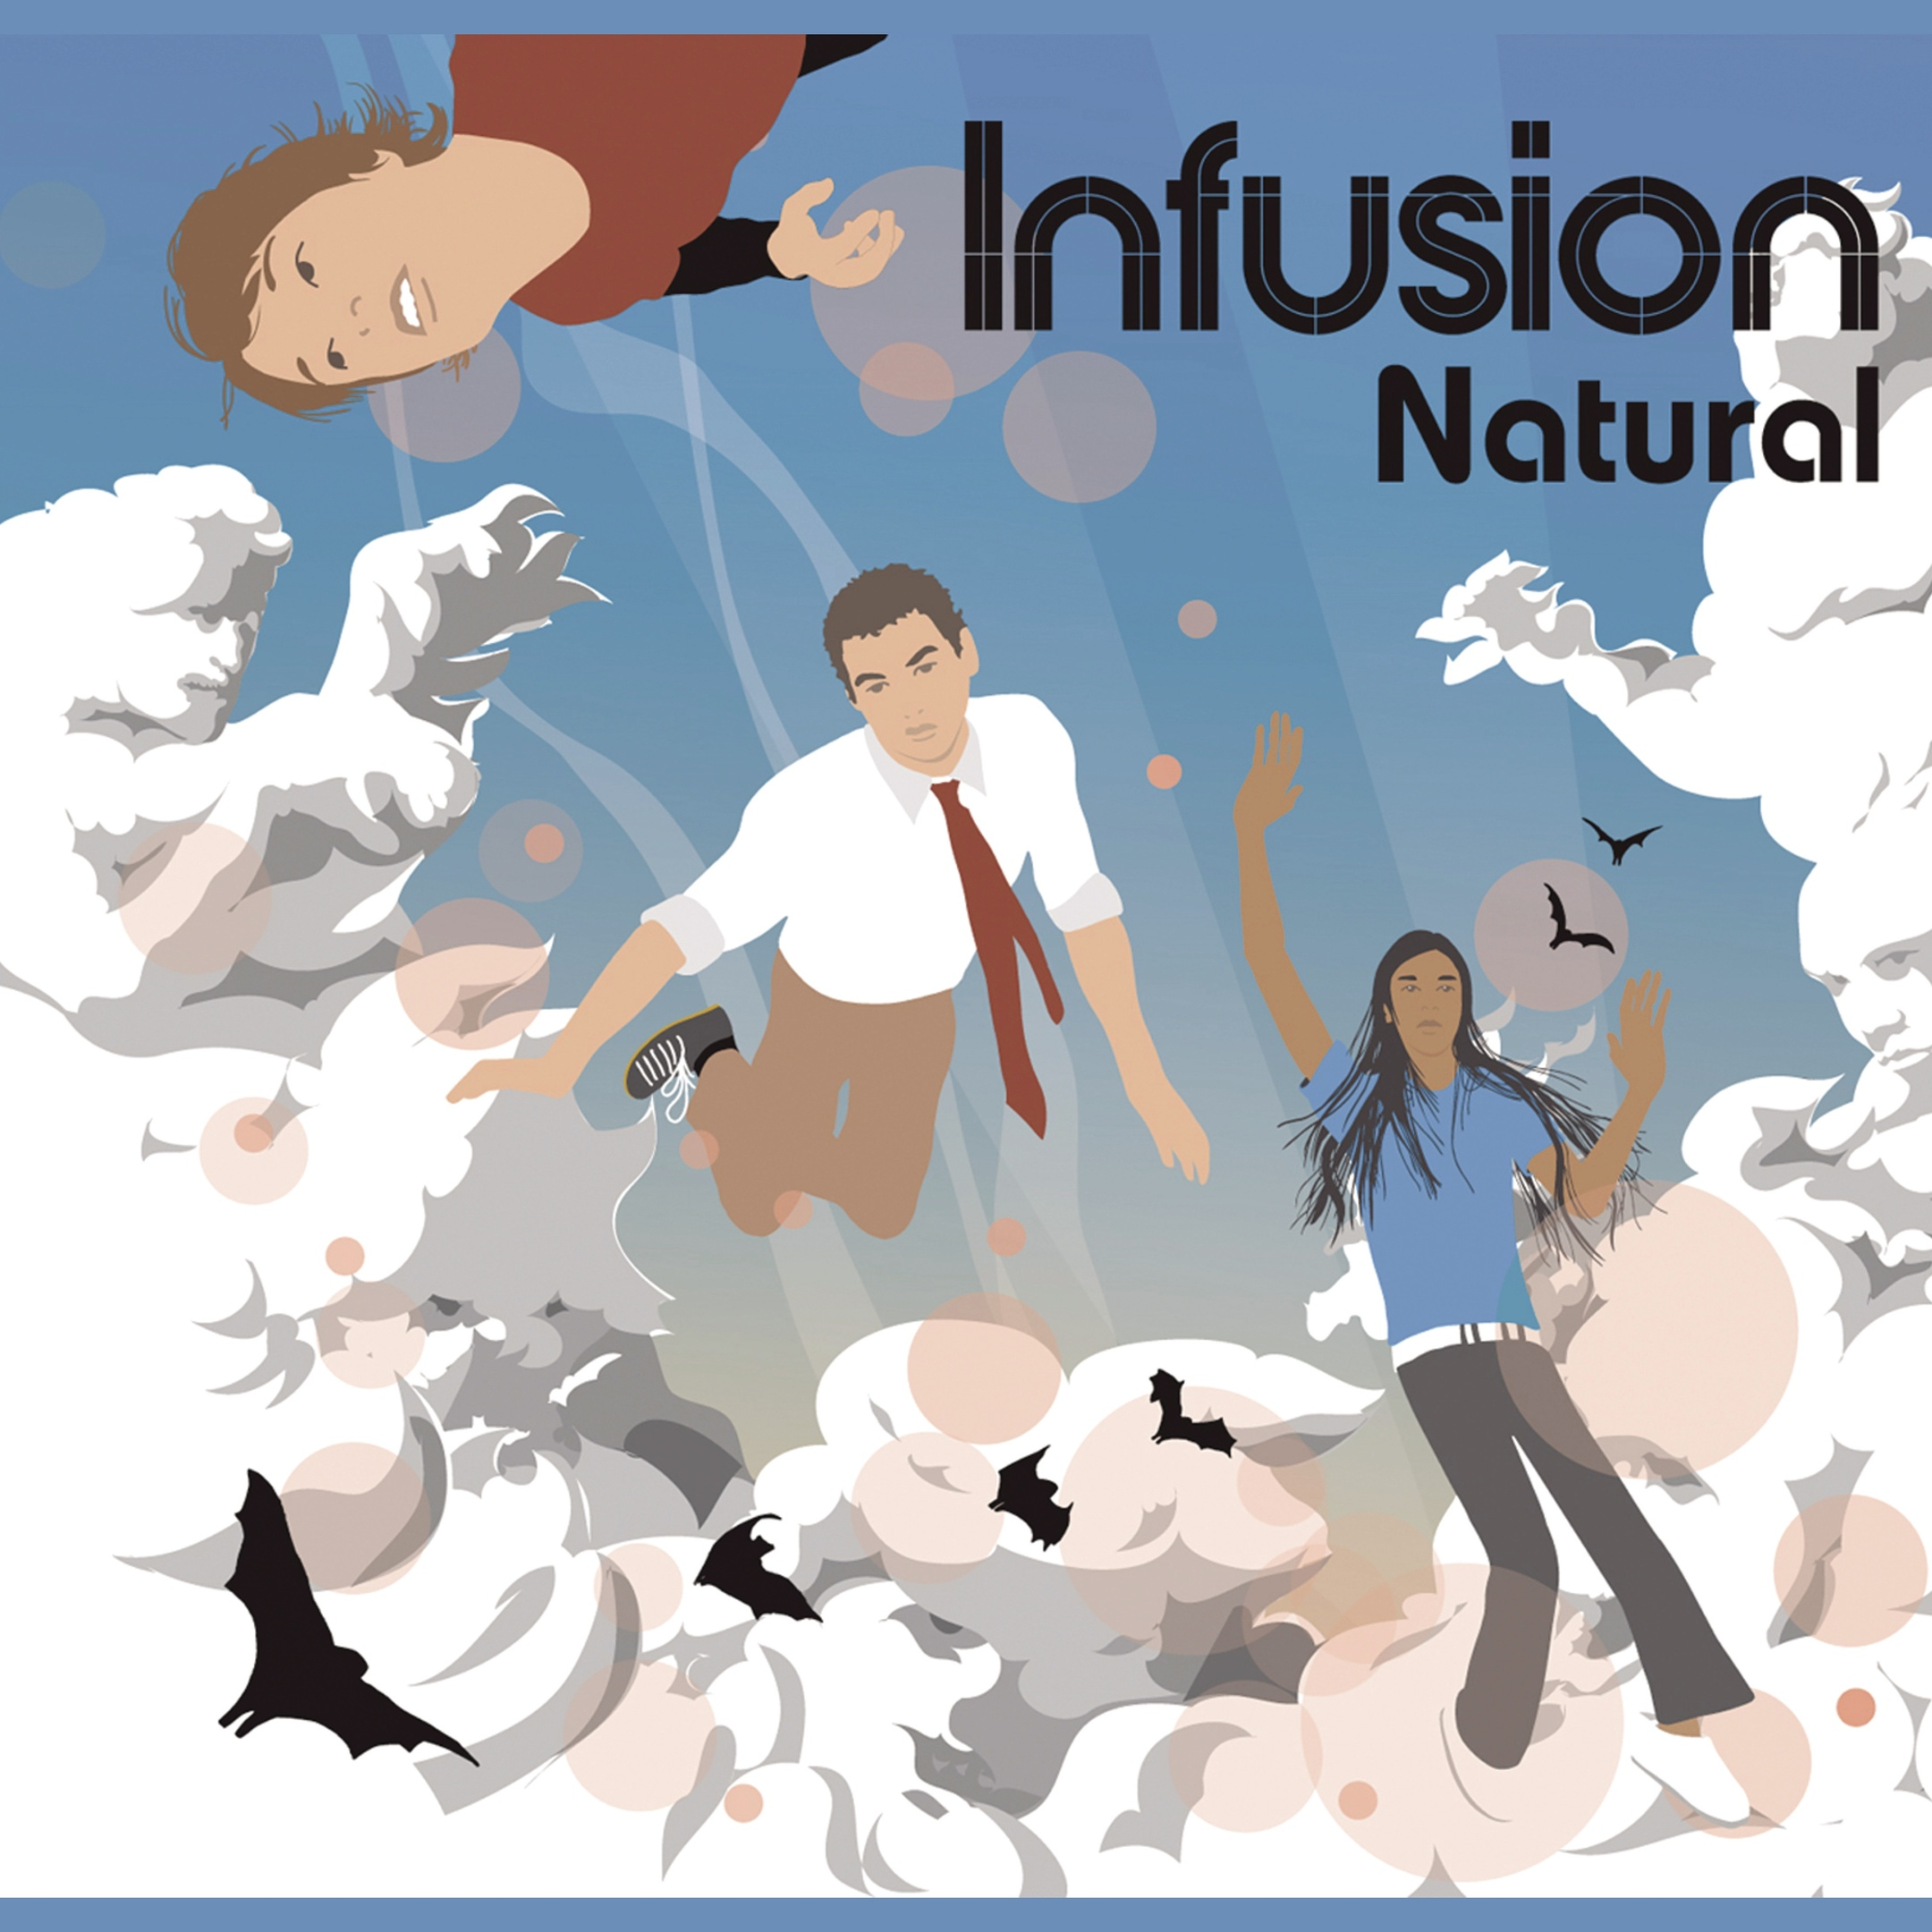 Infusion album Natural